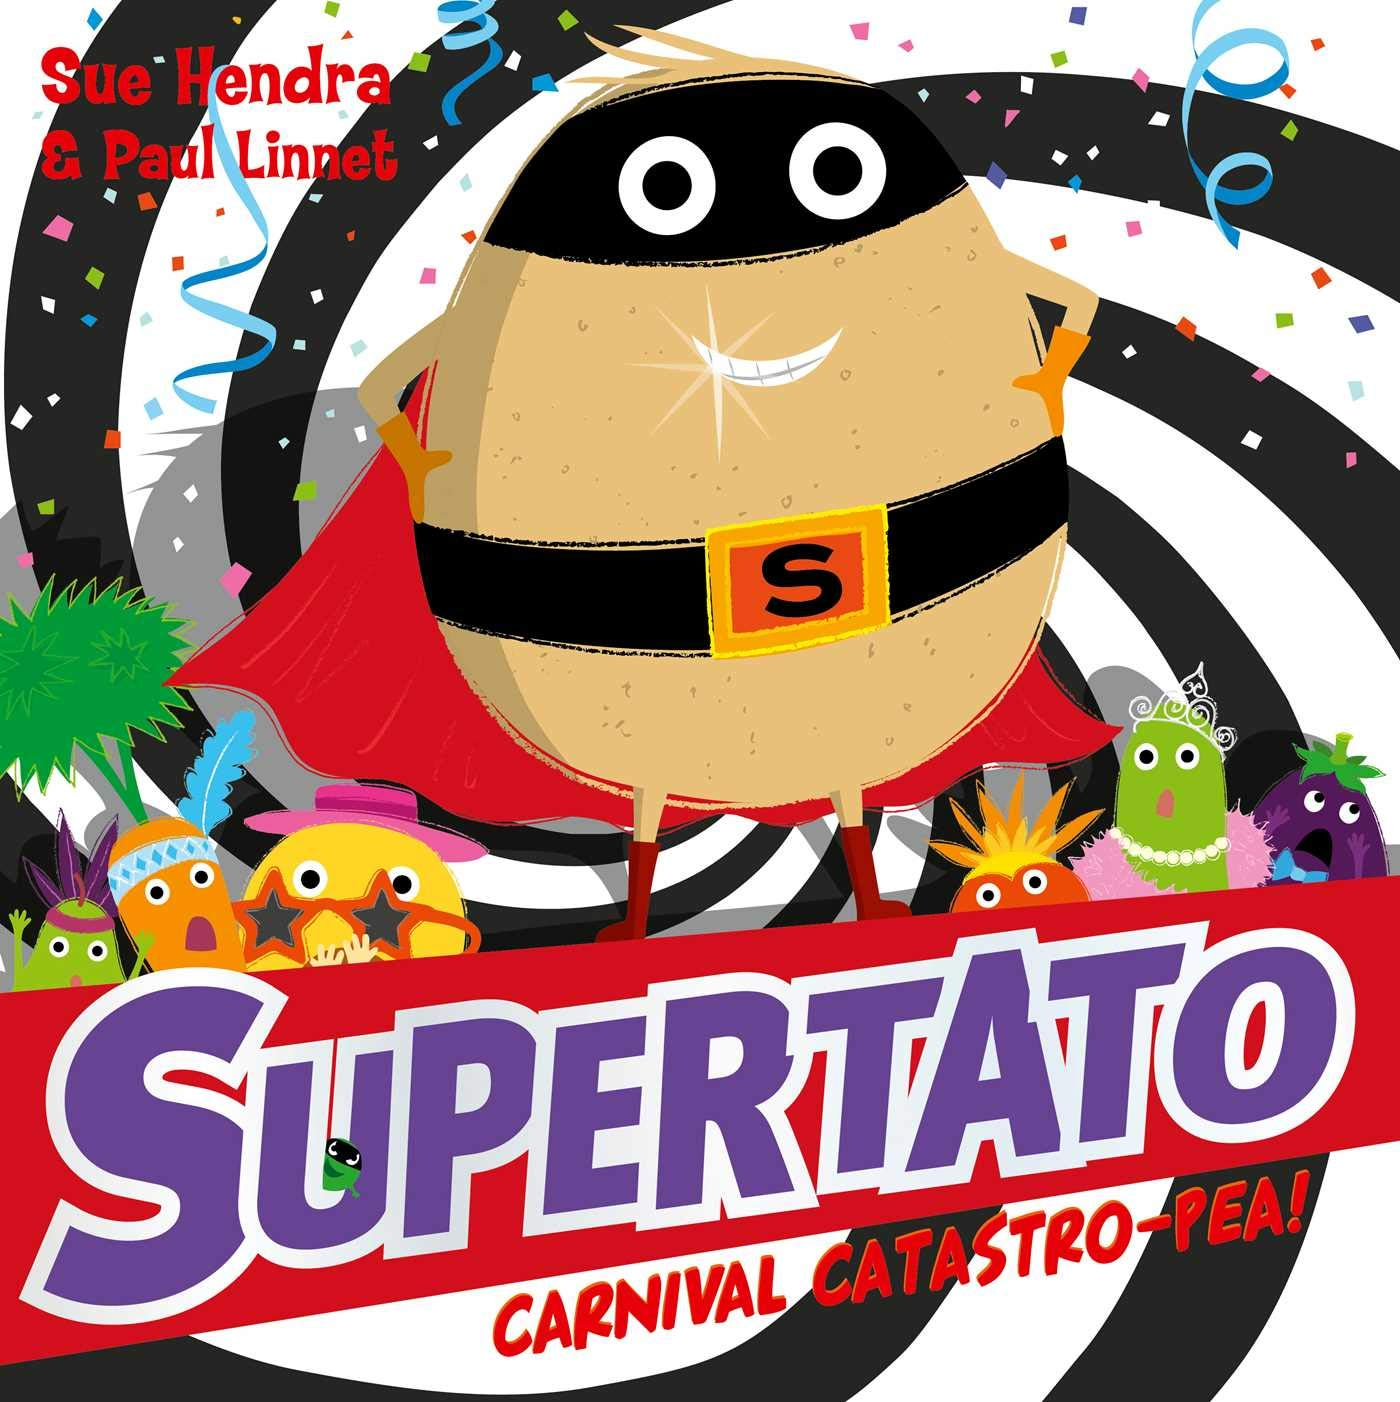 Supertato Carnival Catastro-Pea! : Hendra, Sue, Linnet, Paul: Amazon.co.uk:  Books